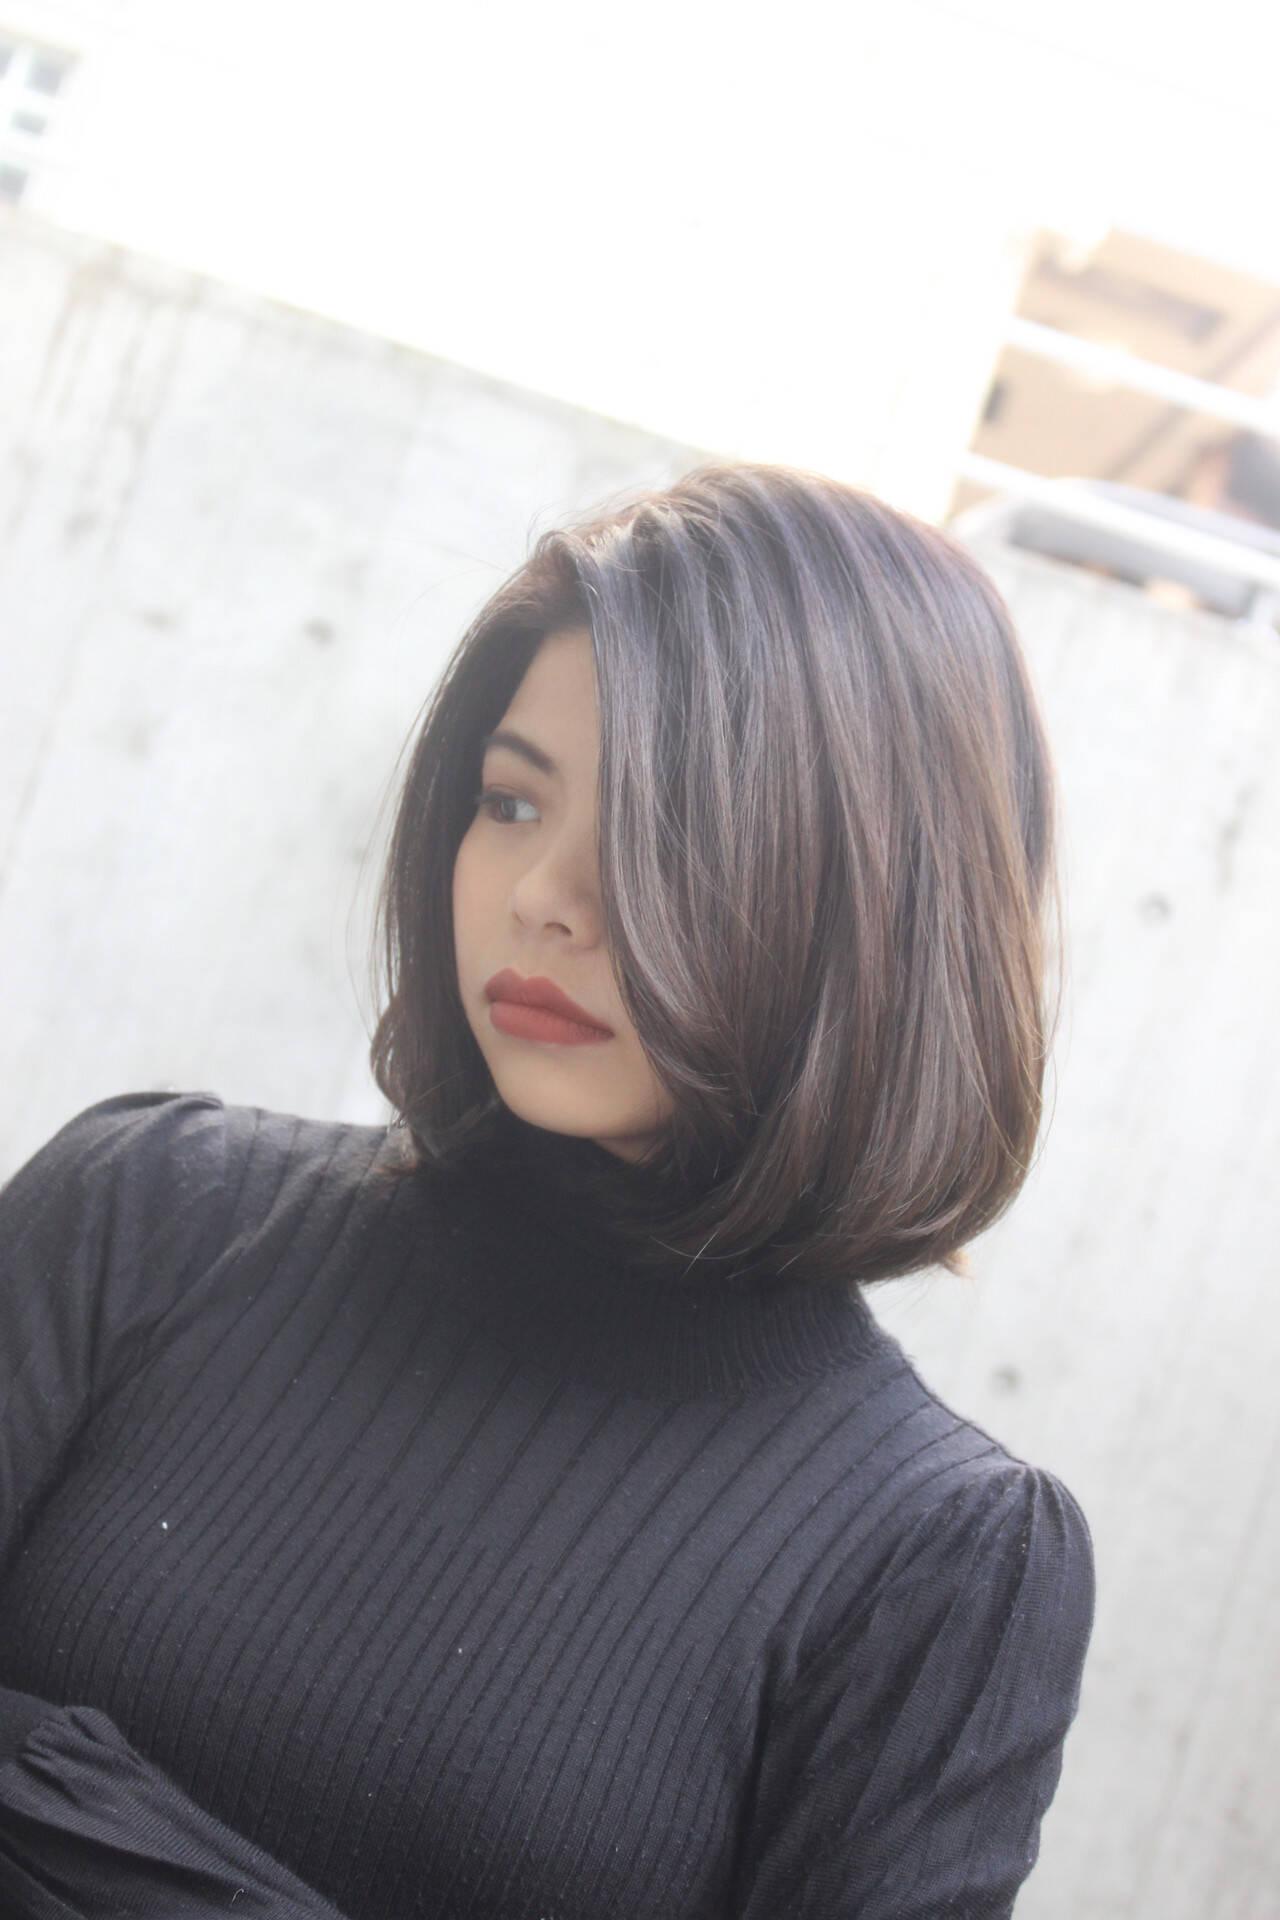 グラデーション 艶カラー ボブ イルミナカラーヘアスタイルや髪型の写真・画像